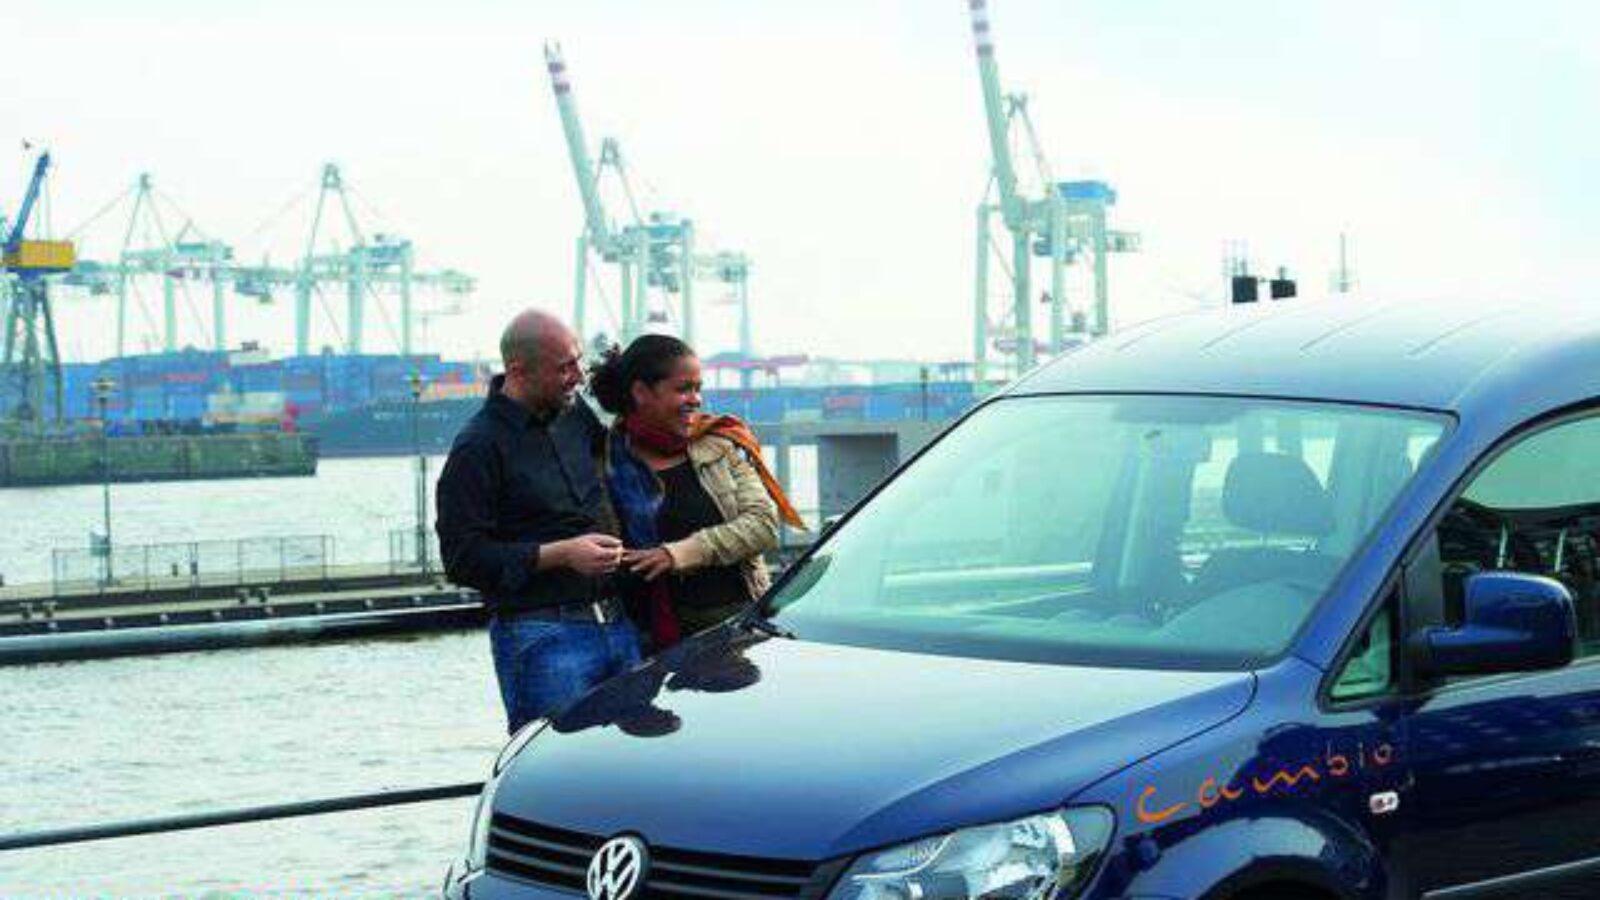 cambio CarSharing und LifeThek kooperieren